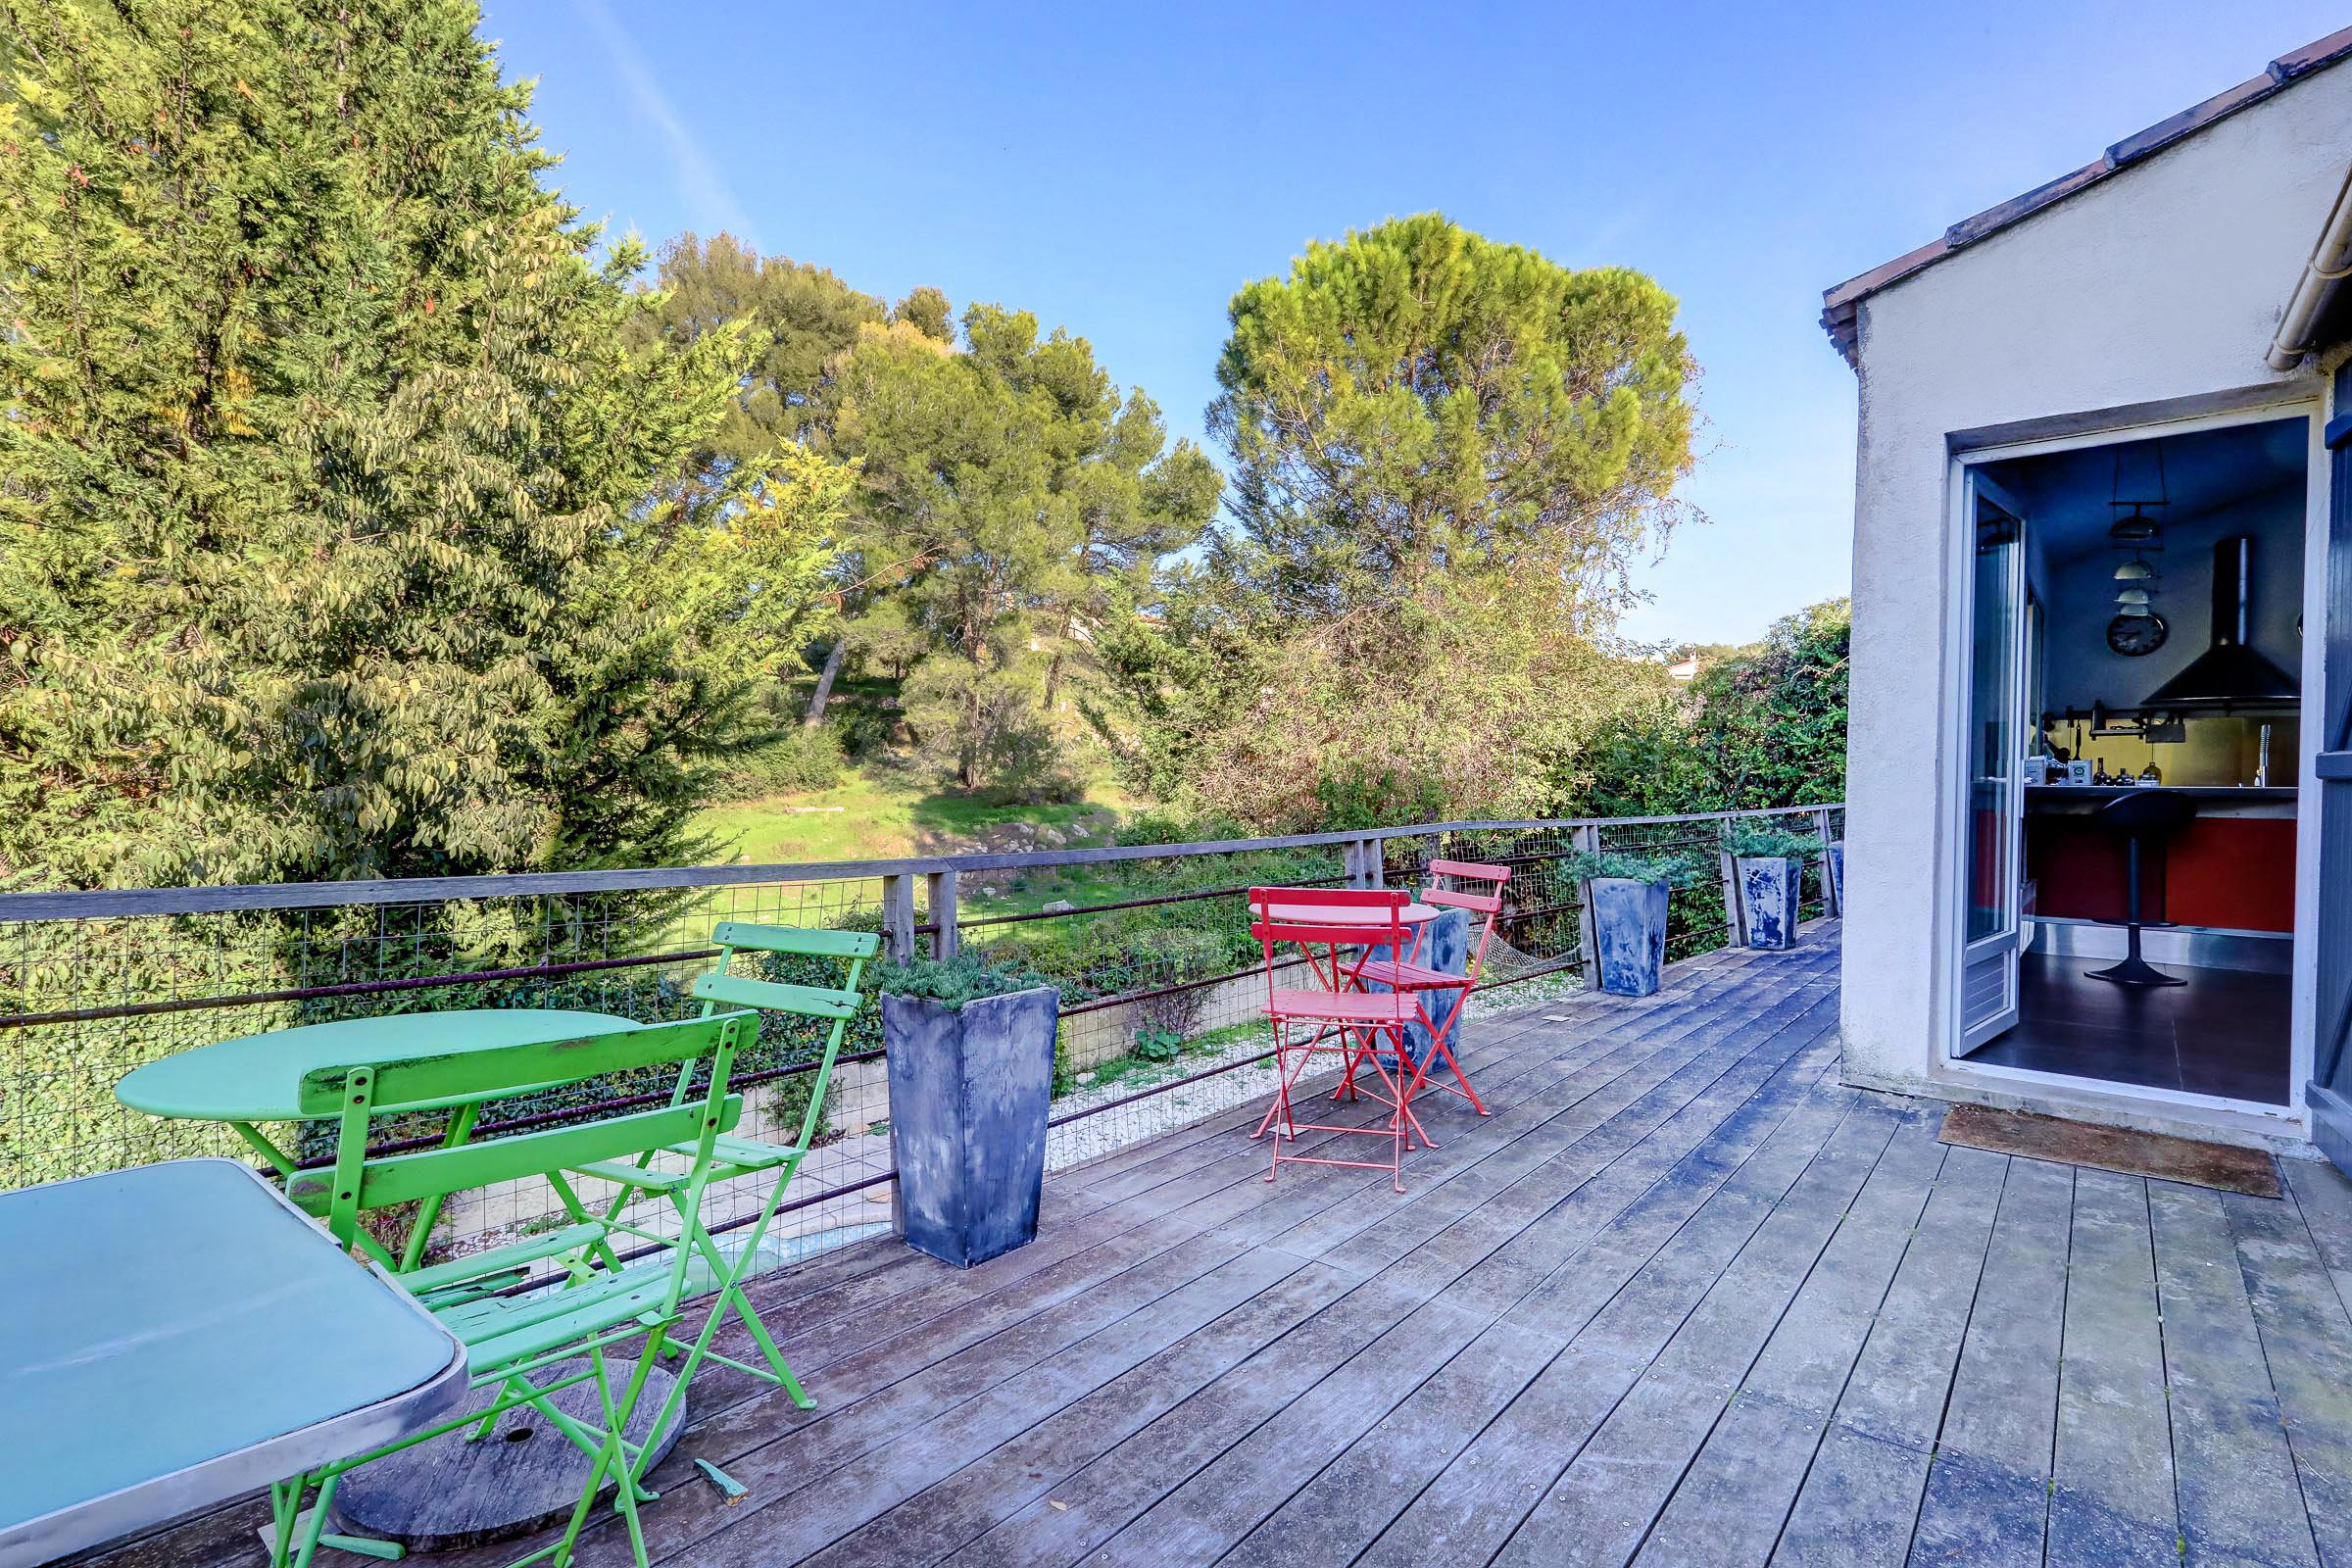 marseille_13012_saint julien_maisonindividuelle_terrasse_jardin_piscine_pleinsud_contemporaine_verriere_immenseterrasse_vuedegagee_sansvisavis